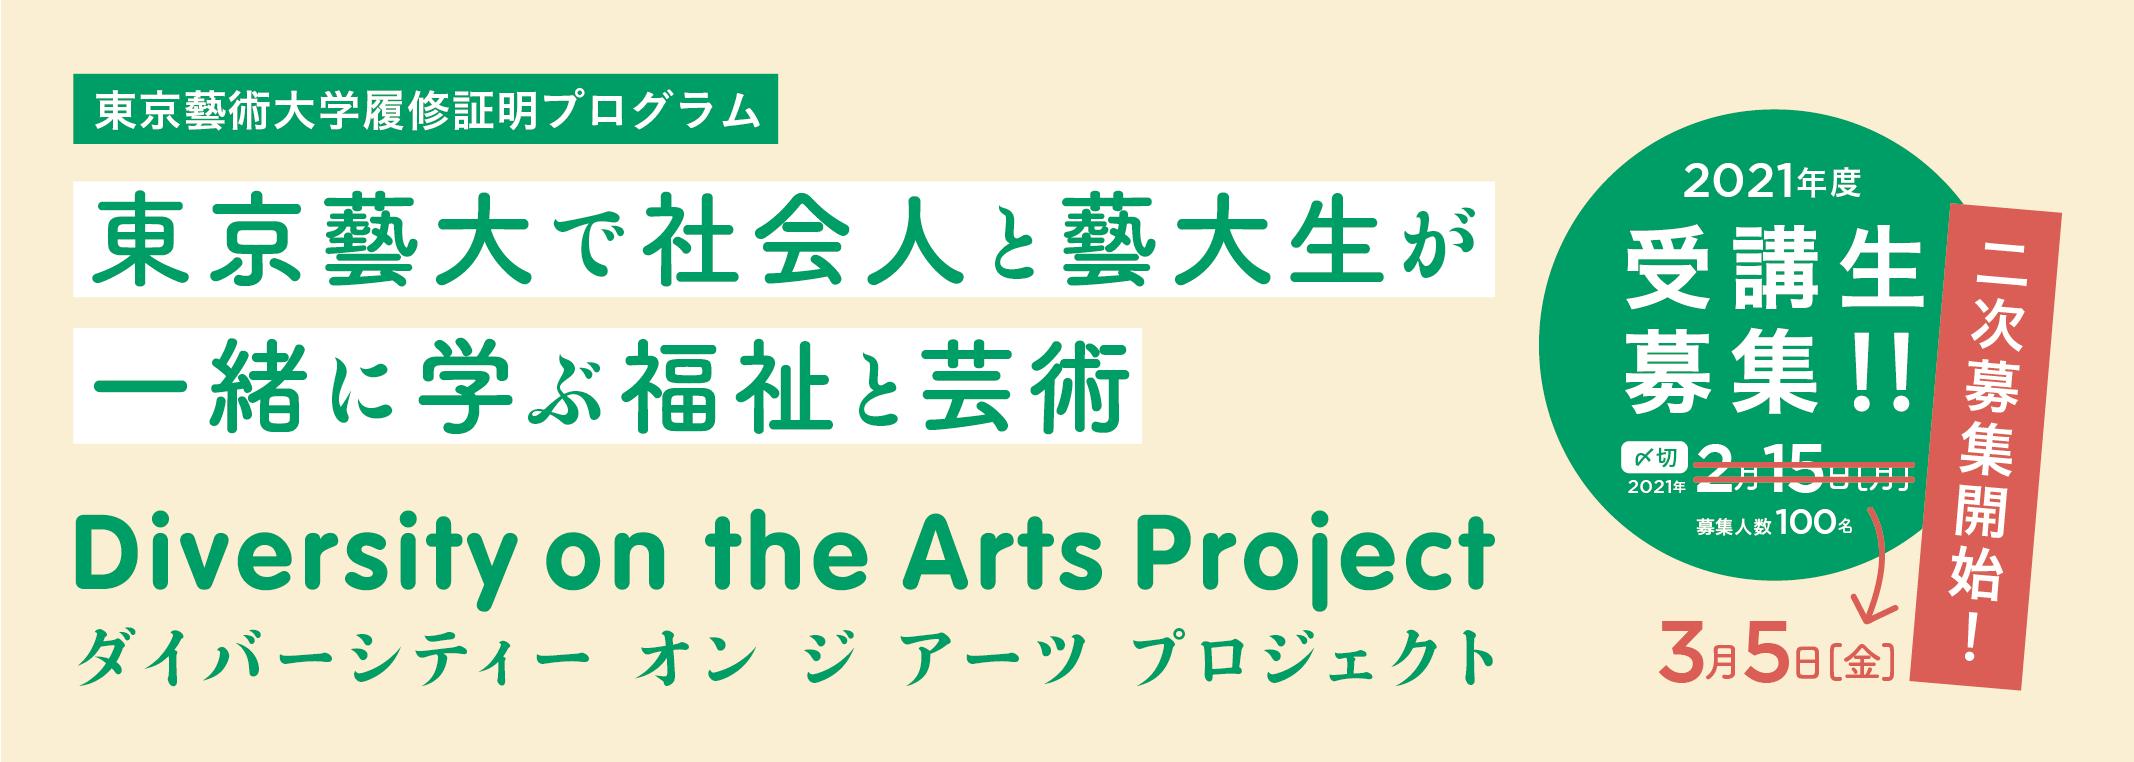 東京藝術大学履修証明プログラム【「東京藝大で社会人と藝大生が一緒に学ぶ福祉と芸術」Diversity on the Arts Project(ダイバーシティー オン ジ アーツ プロジェクト)】2021年度 受講生募集!! 〆切:2021年3月5日(金) / 募集人数:100名